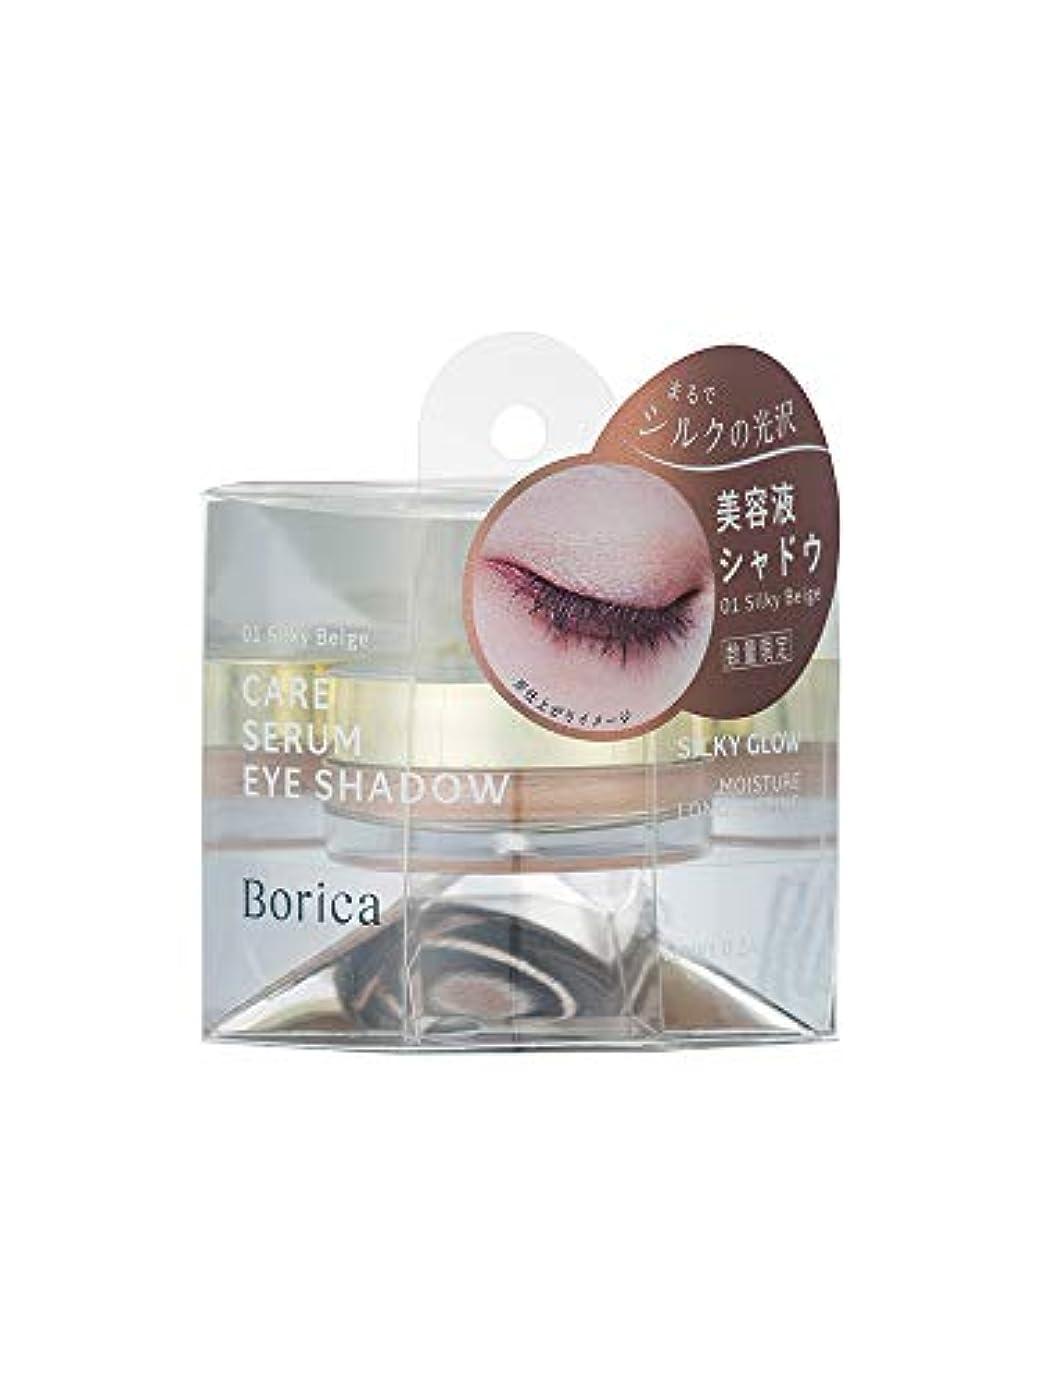 ティッシュよろめくくBorica 美容液ケアアイシャドウ<シルキーグロウ01(01 Silky Beige)>